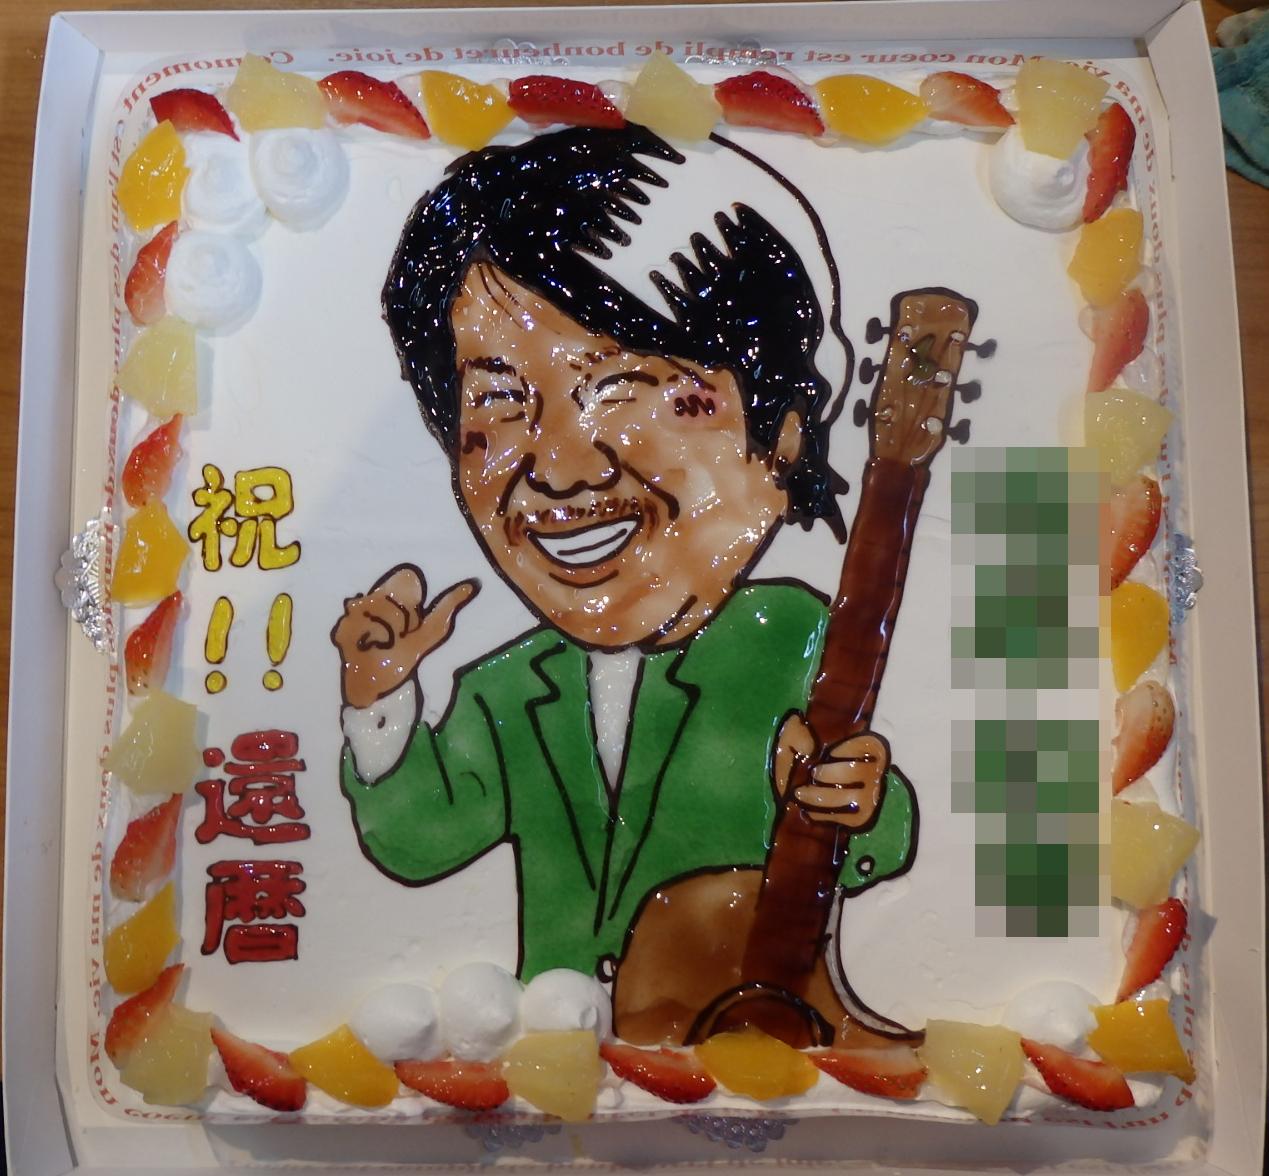 似顔絵ケーキ 9号 四角の画像3枚目